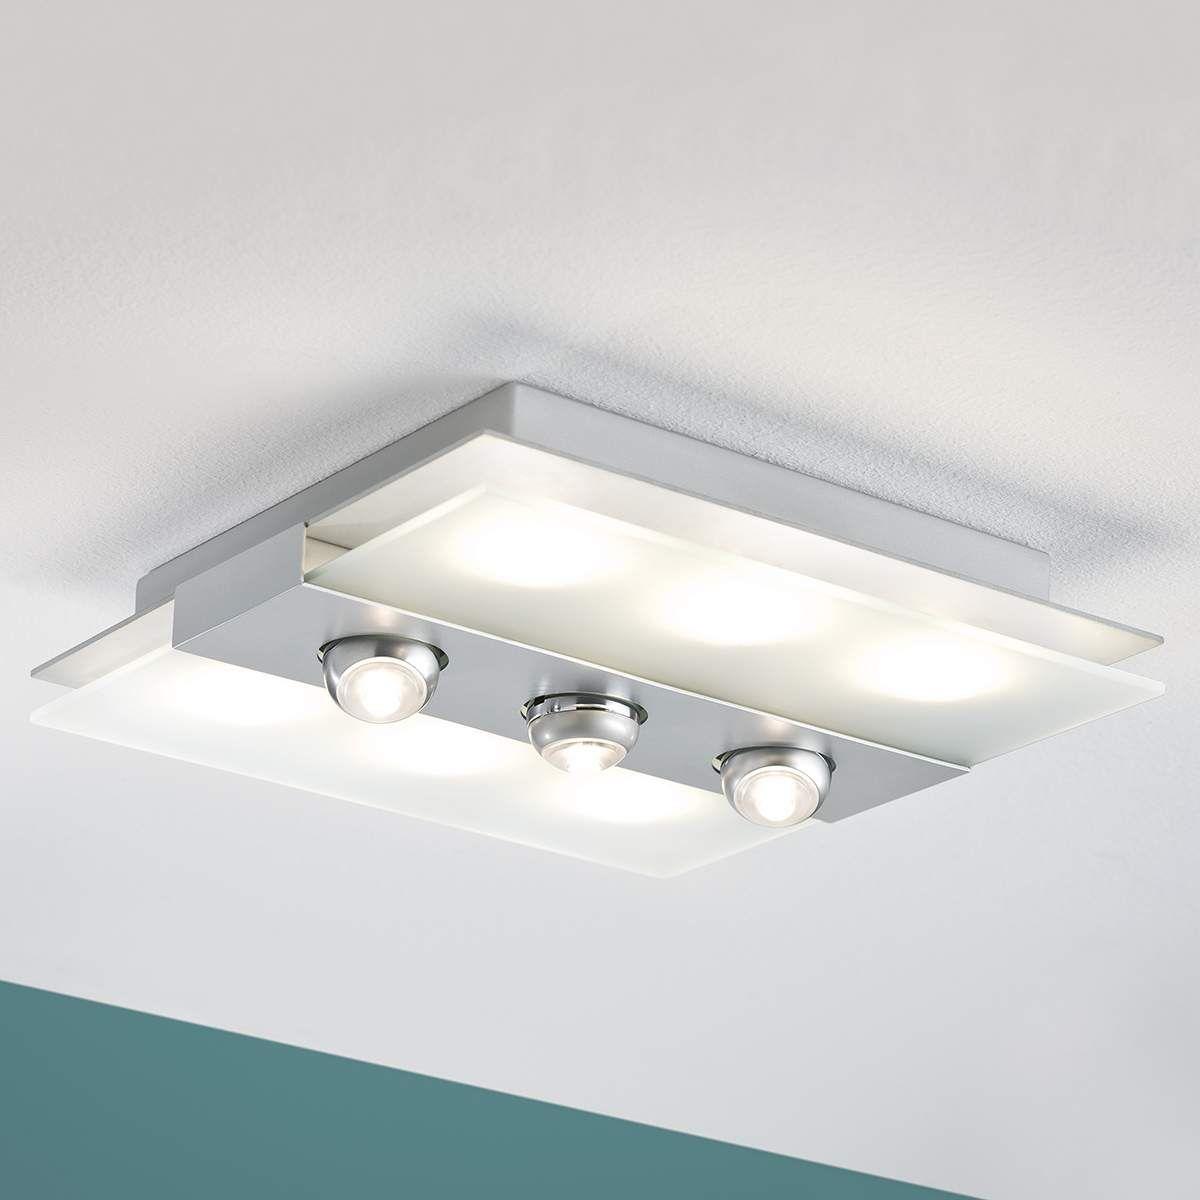 Indirekte Deckenbeleuchtung Schlafzimmer Led Deckenleuchte Bad